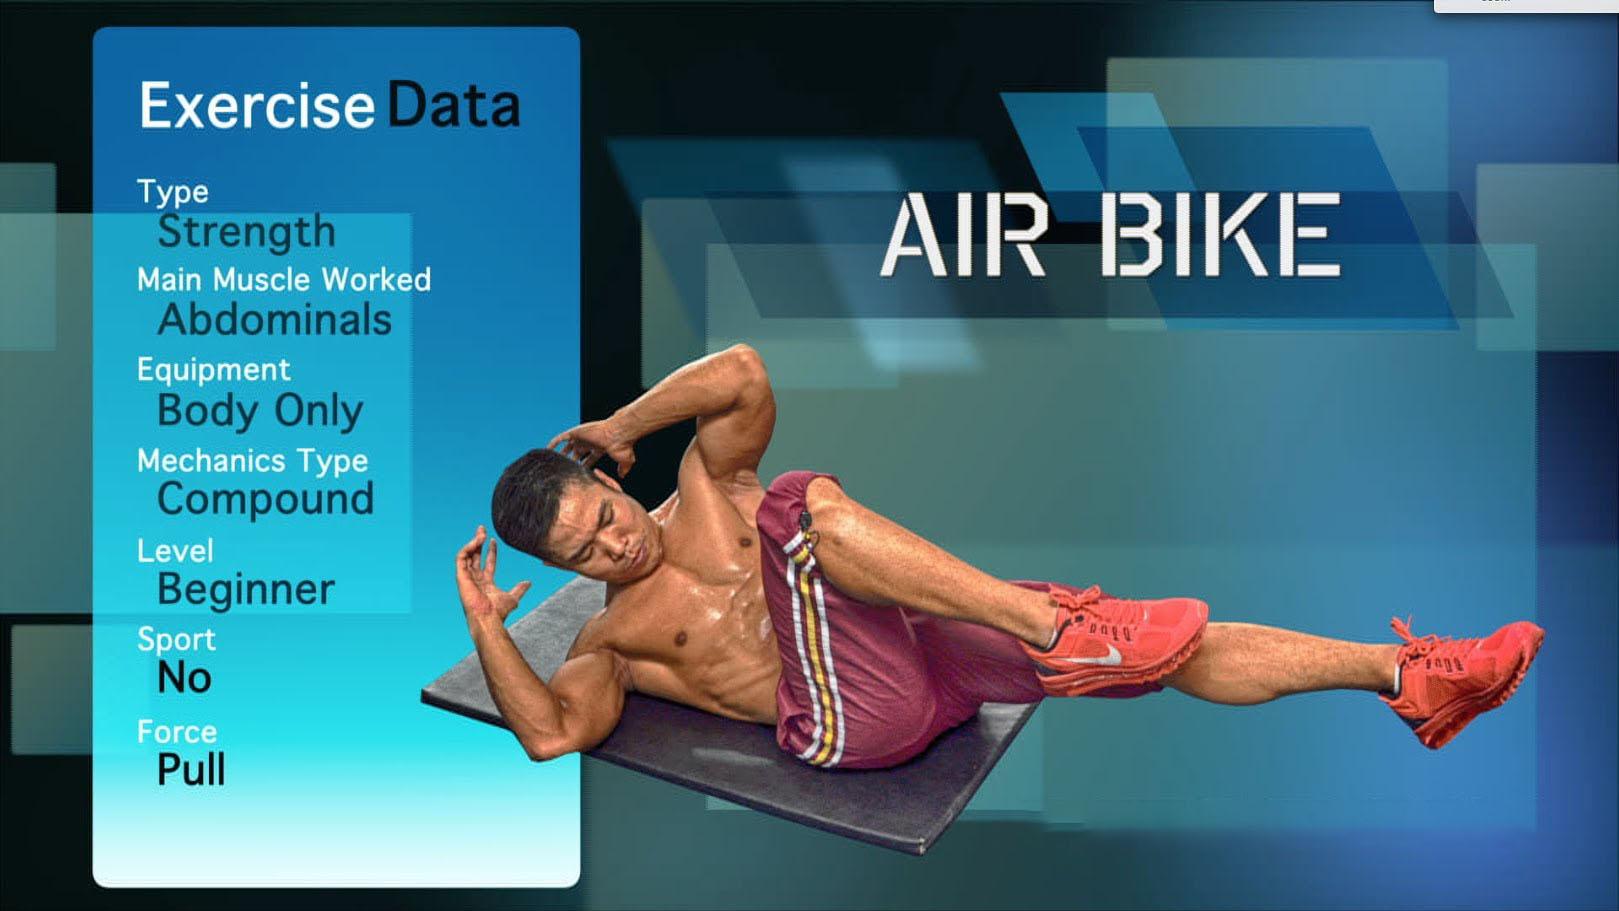 Air Bike crunches